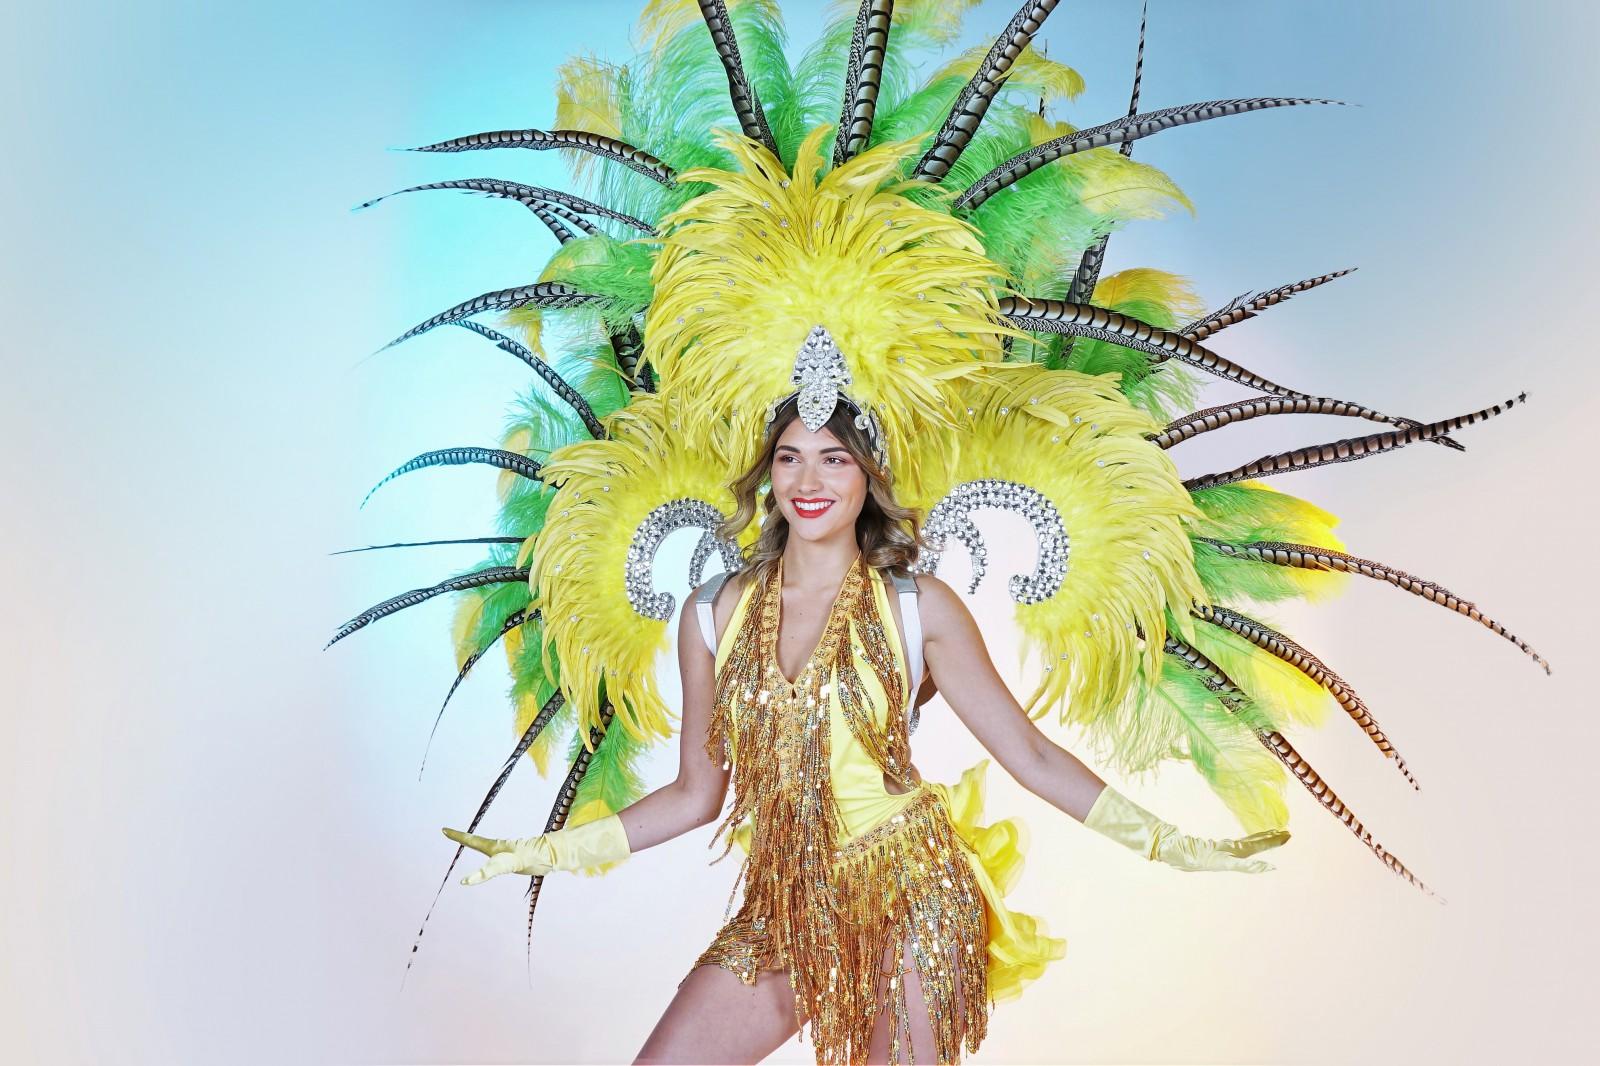 Zomer canaval, Rio de Janeiro entropische Samba danseres, zomer, carnival, salsa, veren dansshow